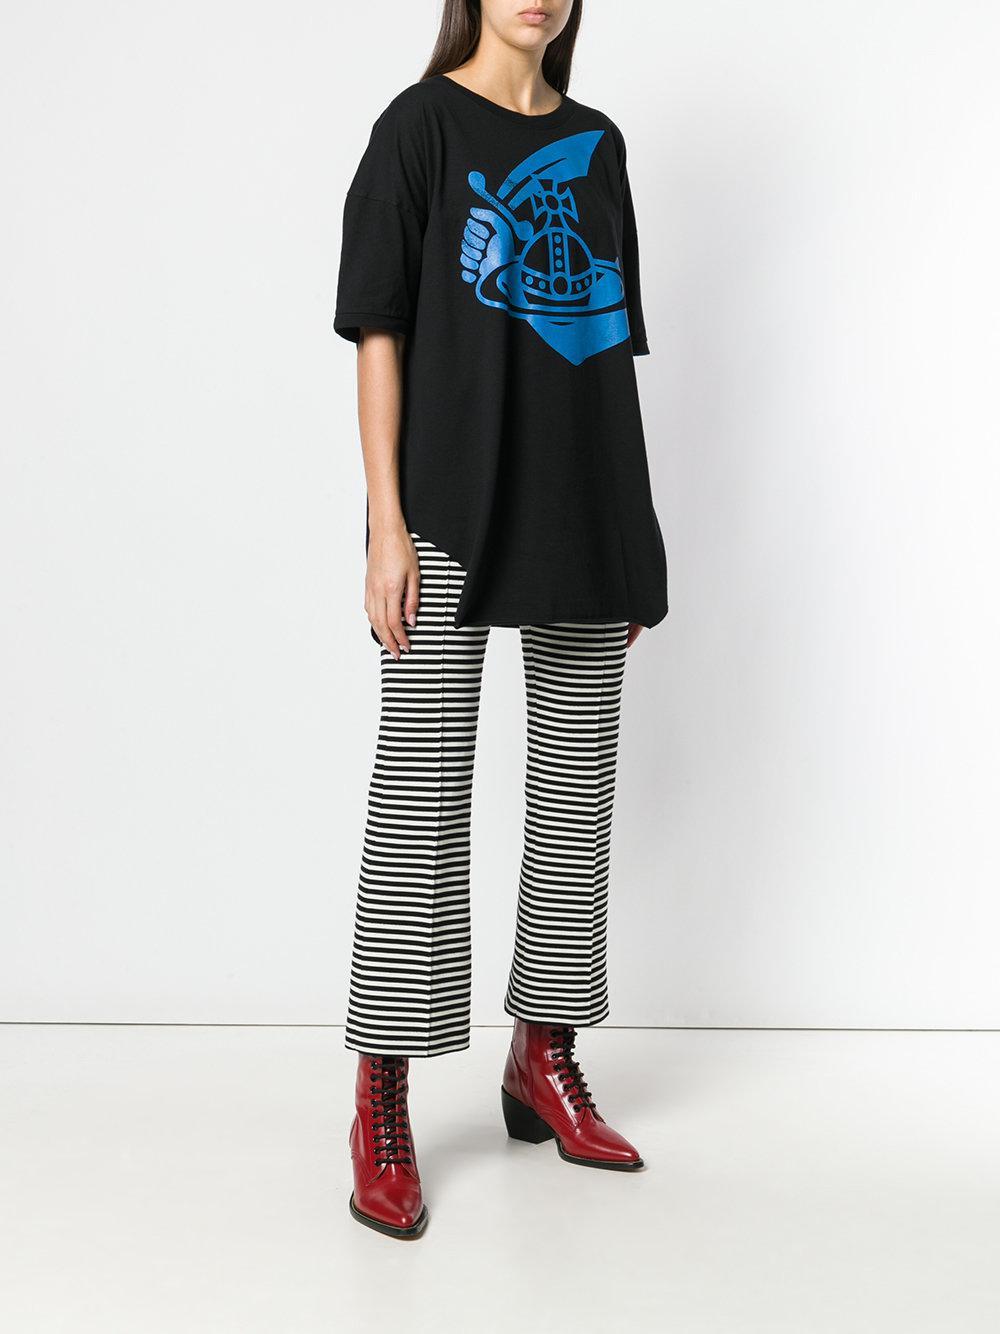 1754d832b Lyst - Vivienne Westwood Baggy Tee in Black